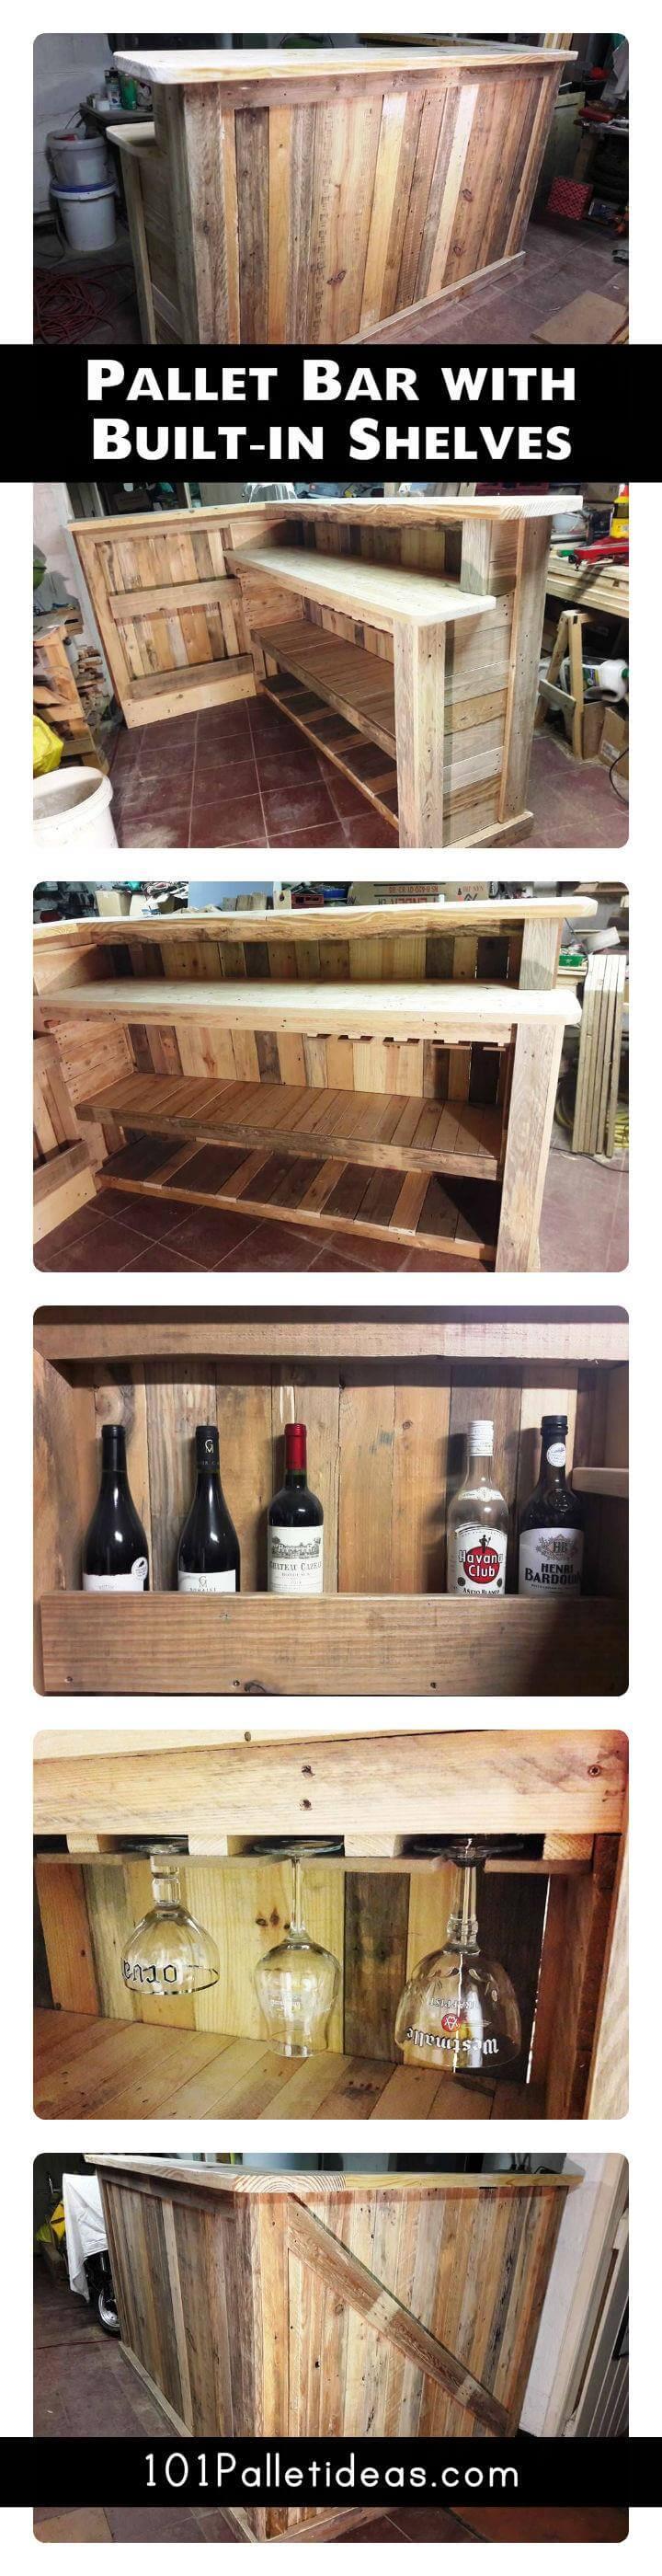 diy pallet bar with custom built in shelves 101 pallet ideas. Black Bedroom Furniture Sets. Home Design Ideas